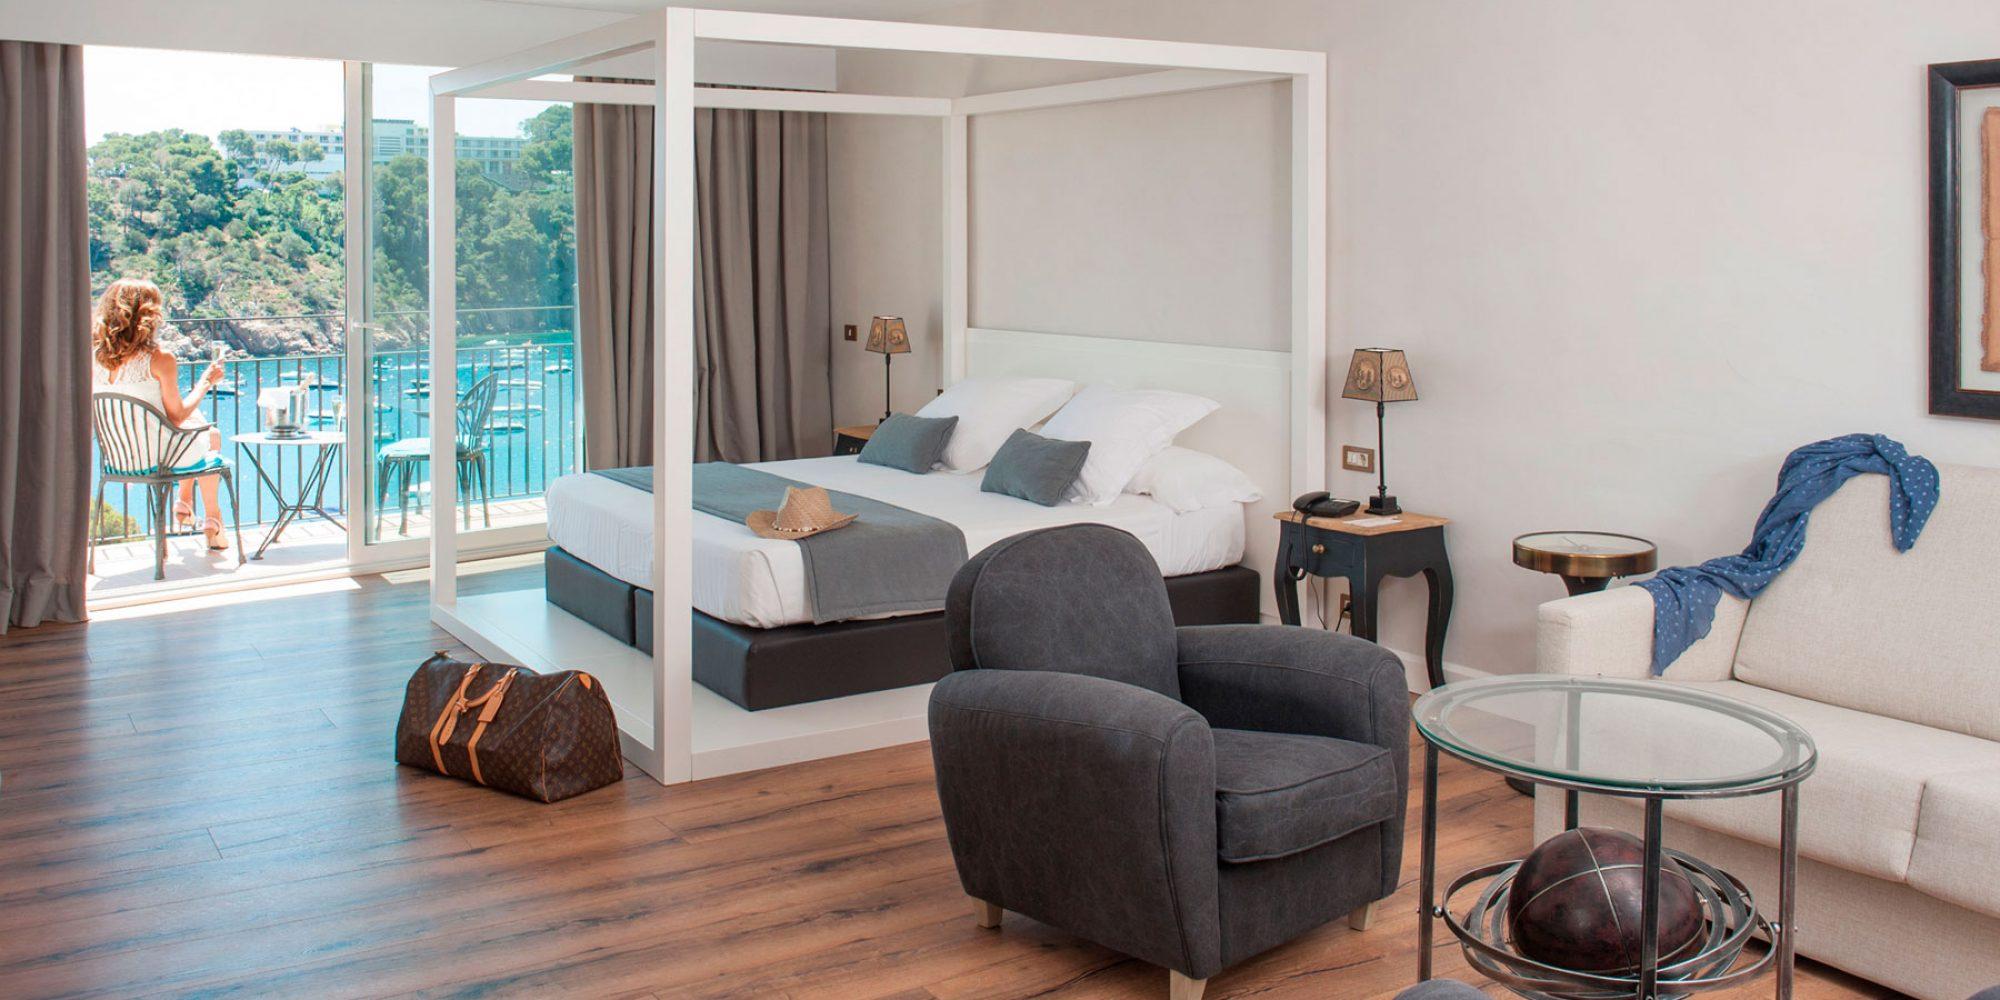 Habitación hotel aiguablava